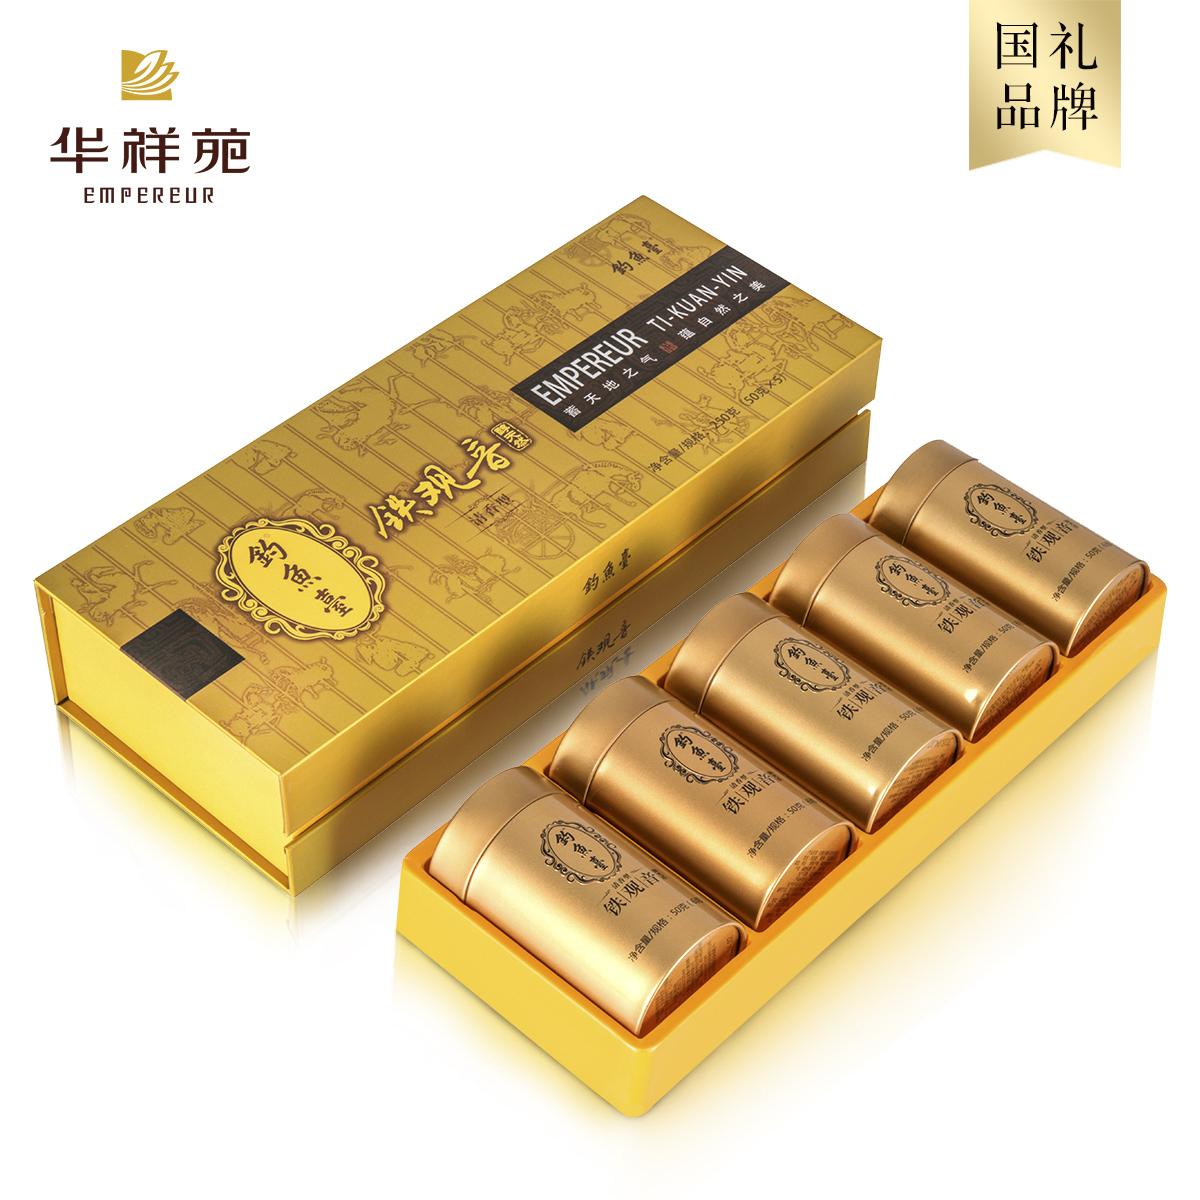 华祥苑茶叶 特级安溪铁观音清香型 2018新茶乌龙茶 钓鱼台礼盒装